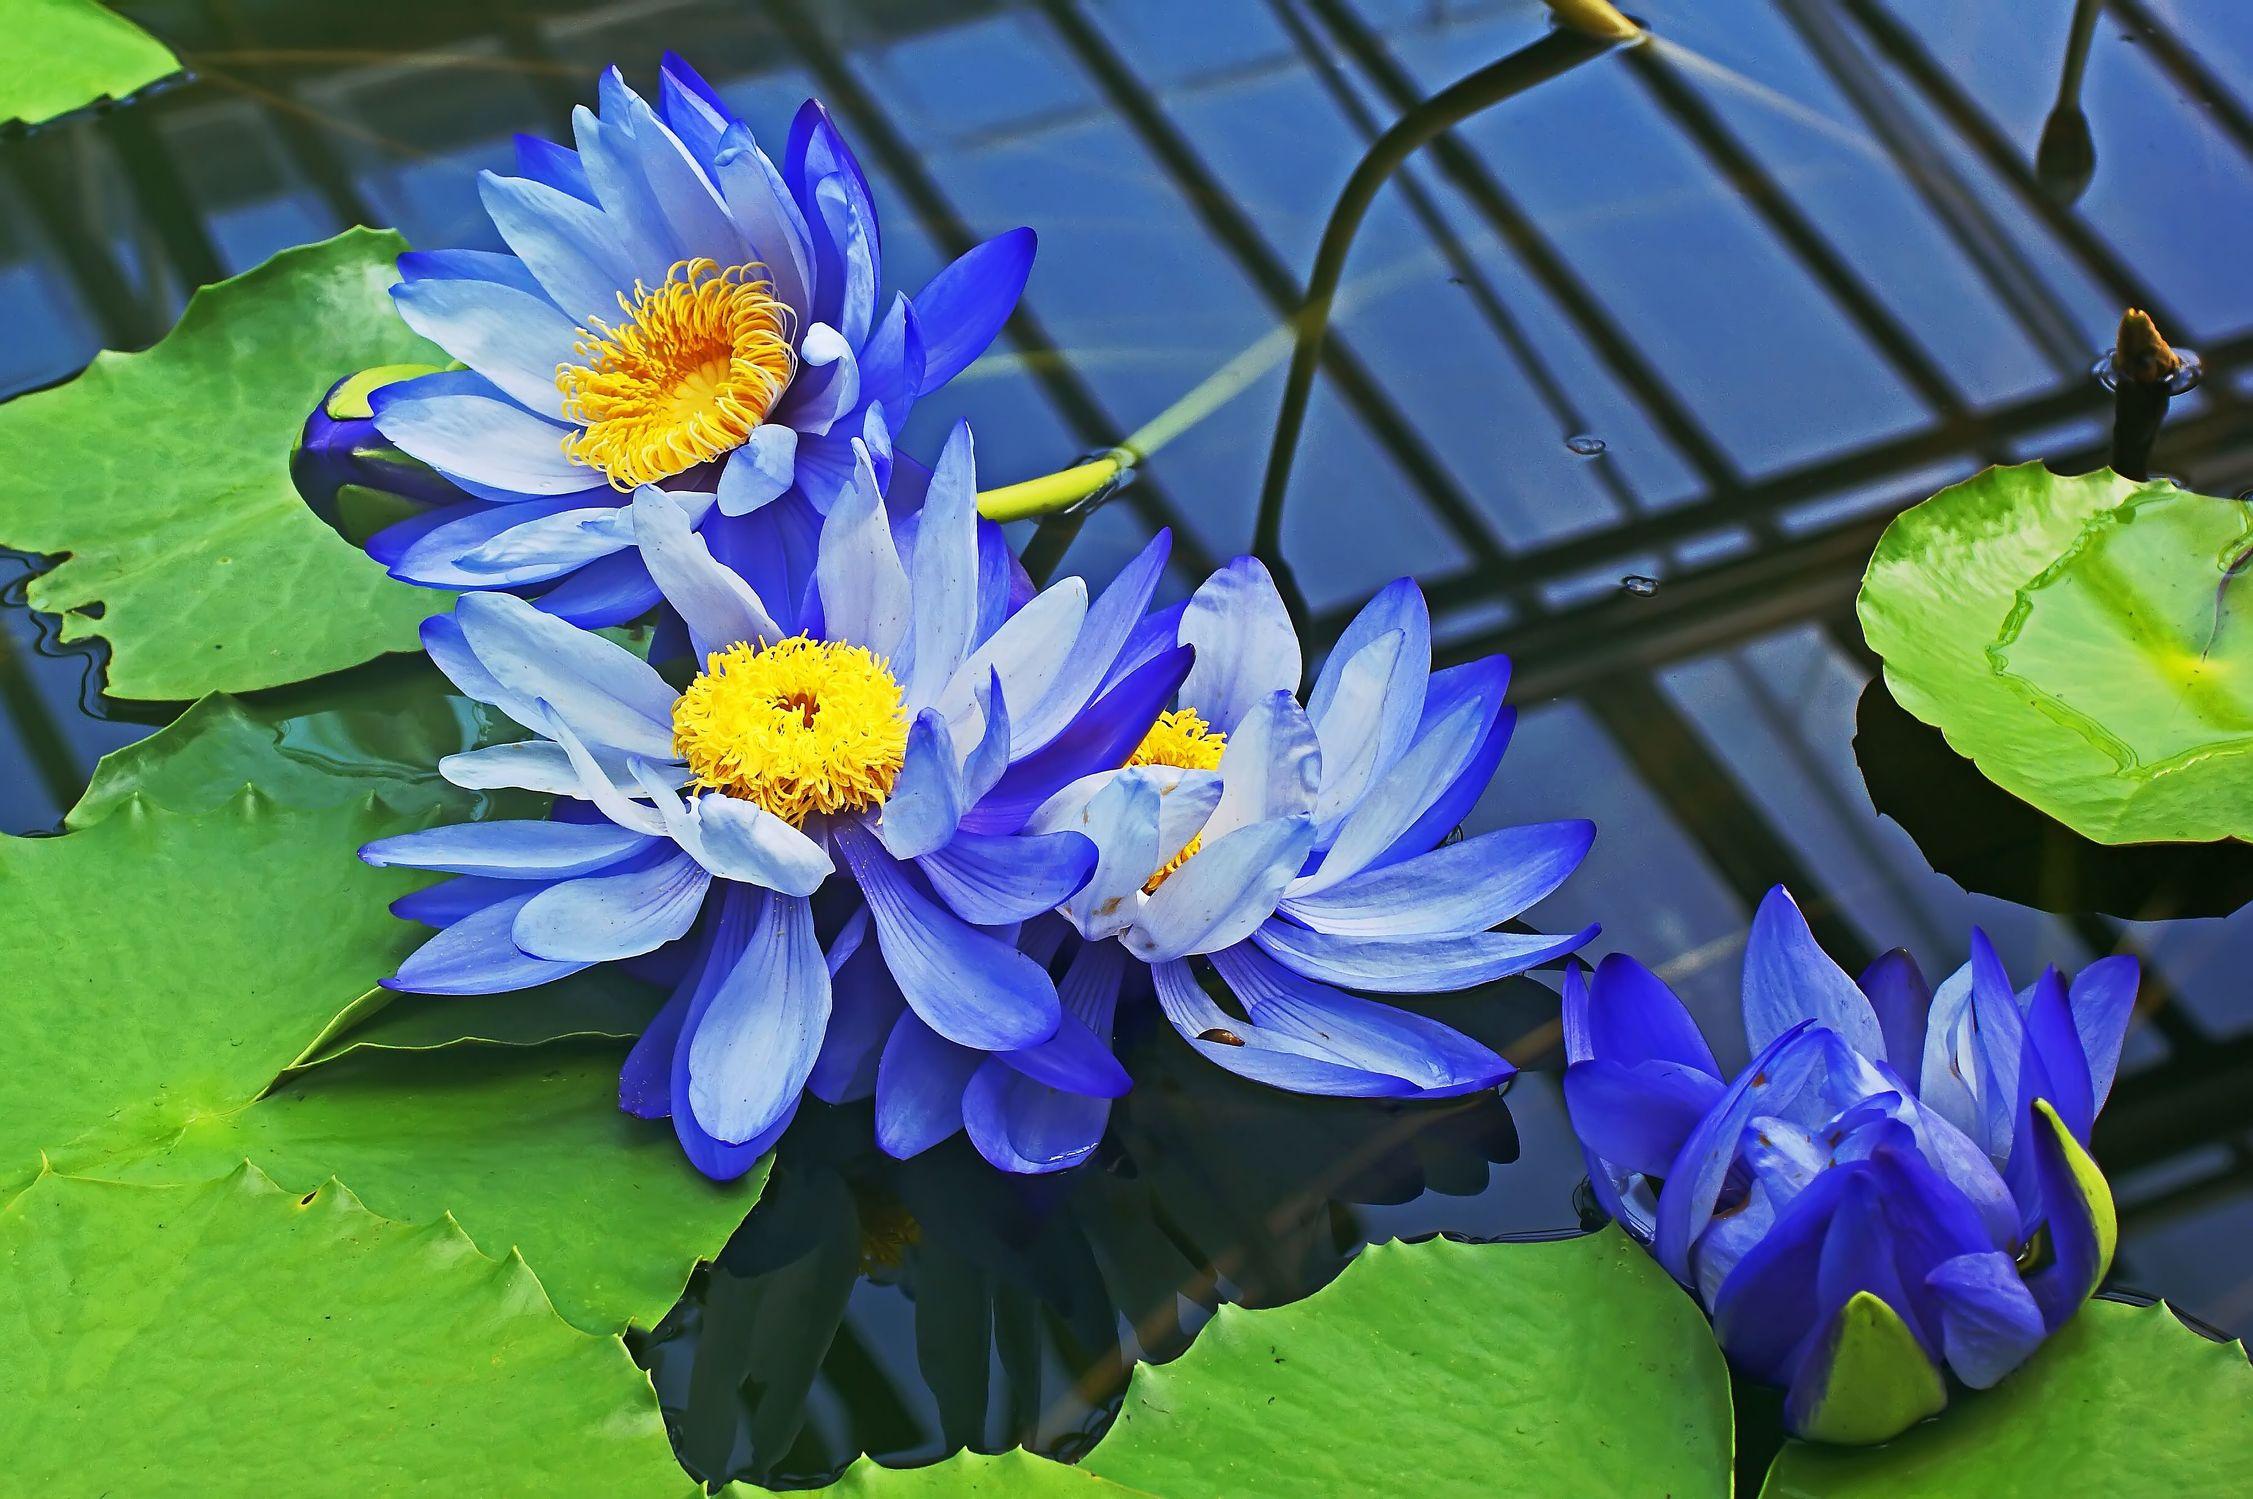 Bild mit Wasser, Blau, Seerosen, lotus, Blüten, blüte, Seerose, nahaufnahmen